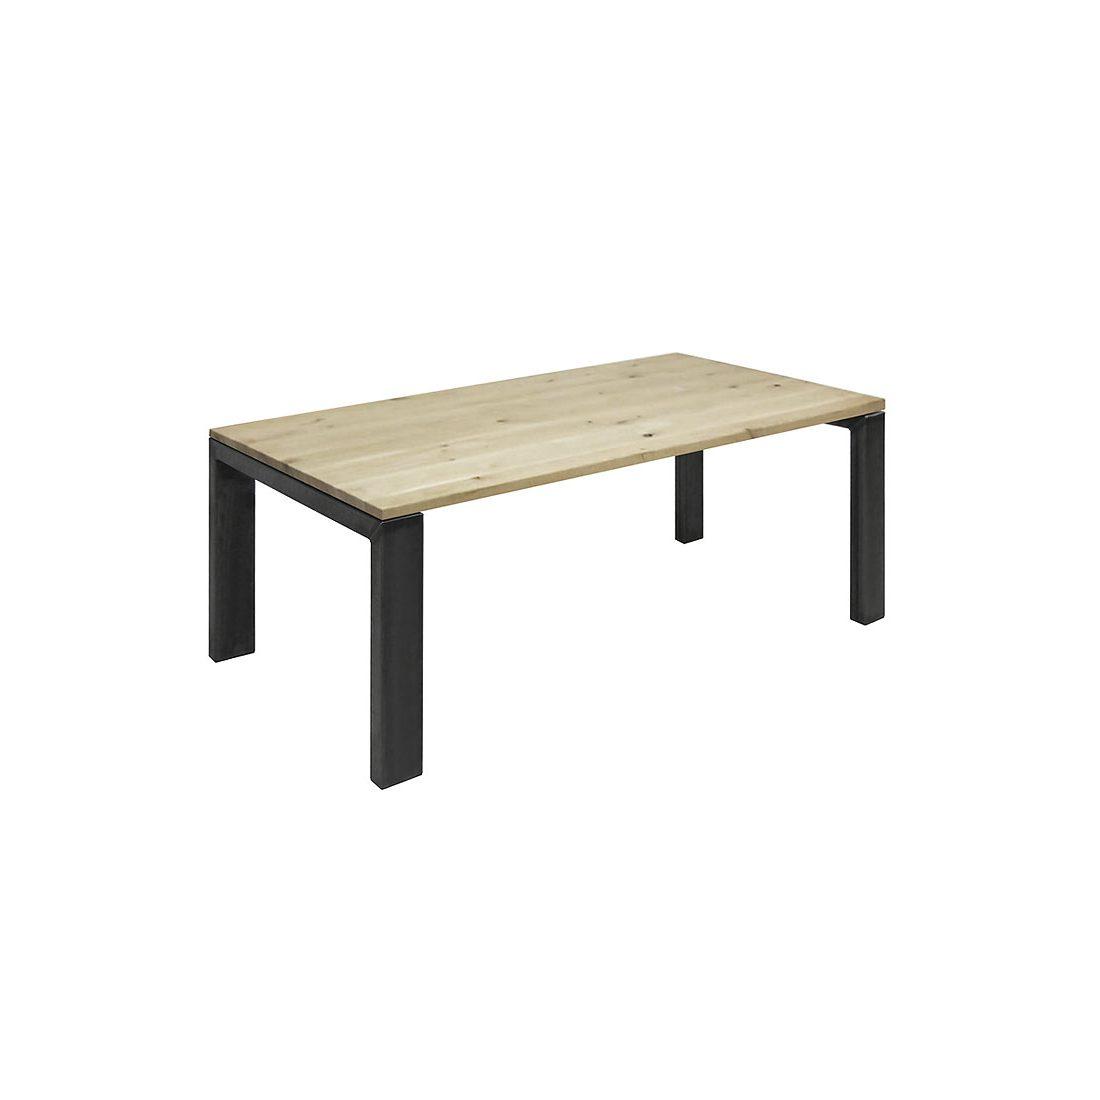 Eikenhouten tafel Veneta met N poten